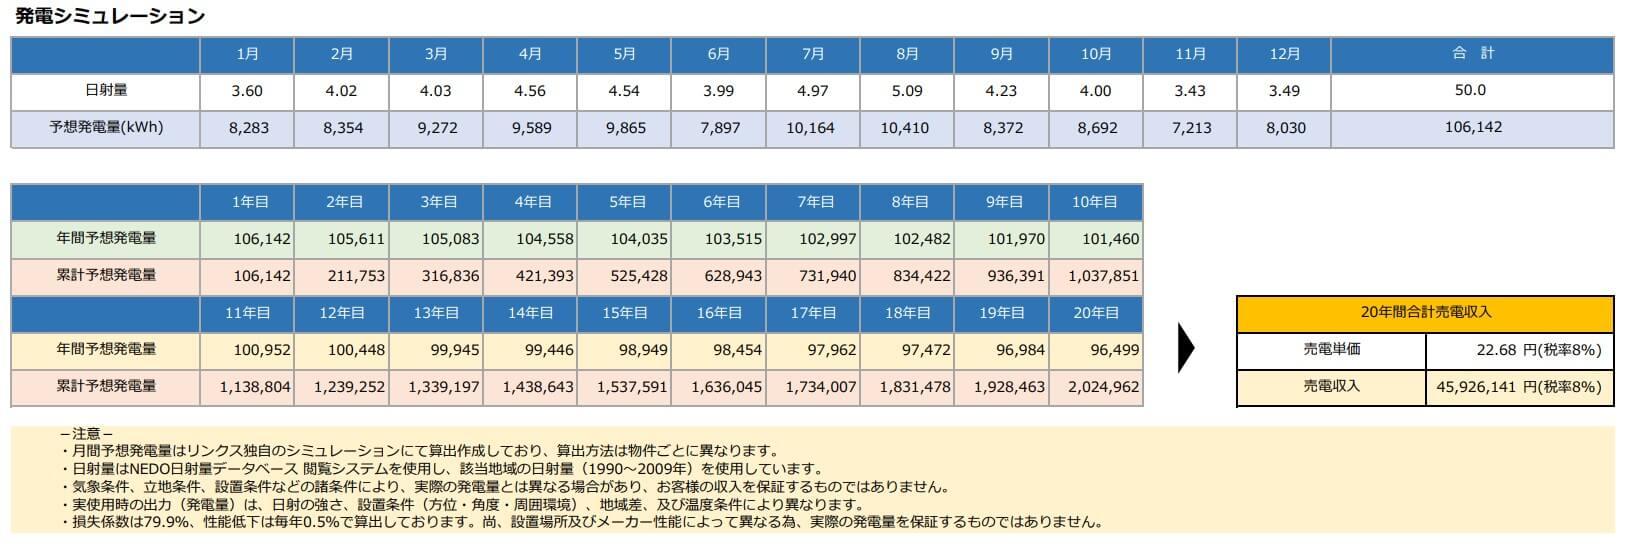 【21円】低圧49.5kW 出力抑制補償付き 設備は重塩害対応仕様 宮崎県高鍋町